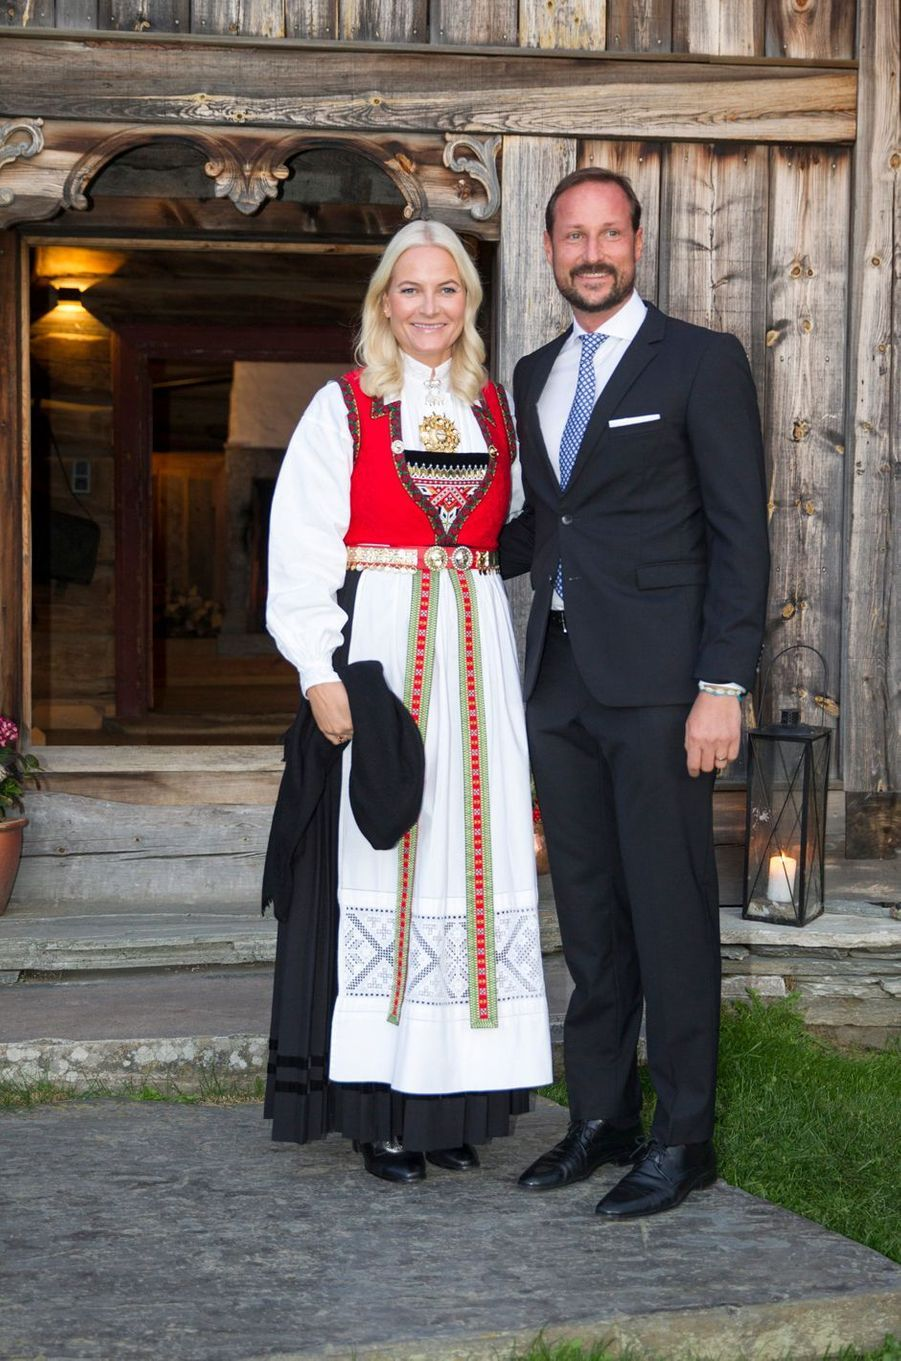 La princesse Mette-Marit et le prince Haakon de Norvège à Vaga, le 18 septembre 2019